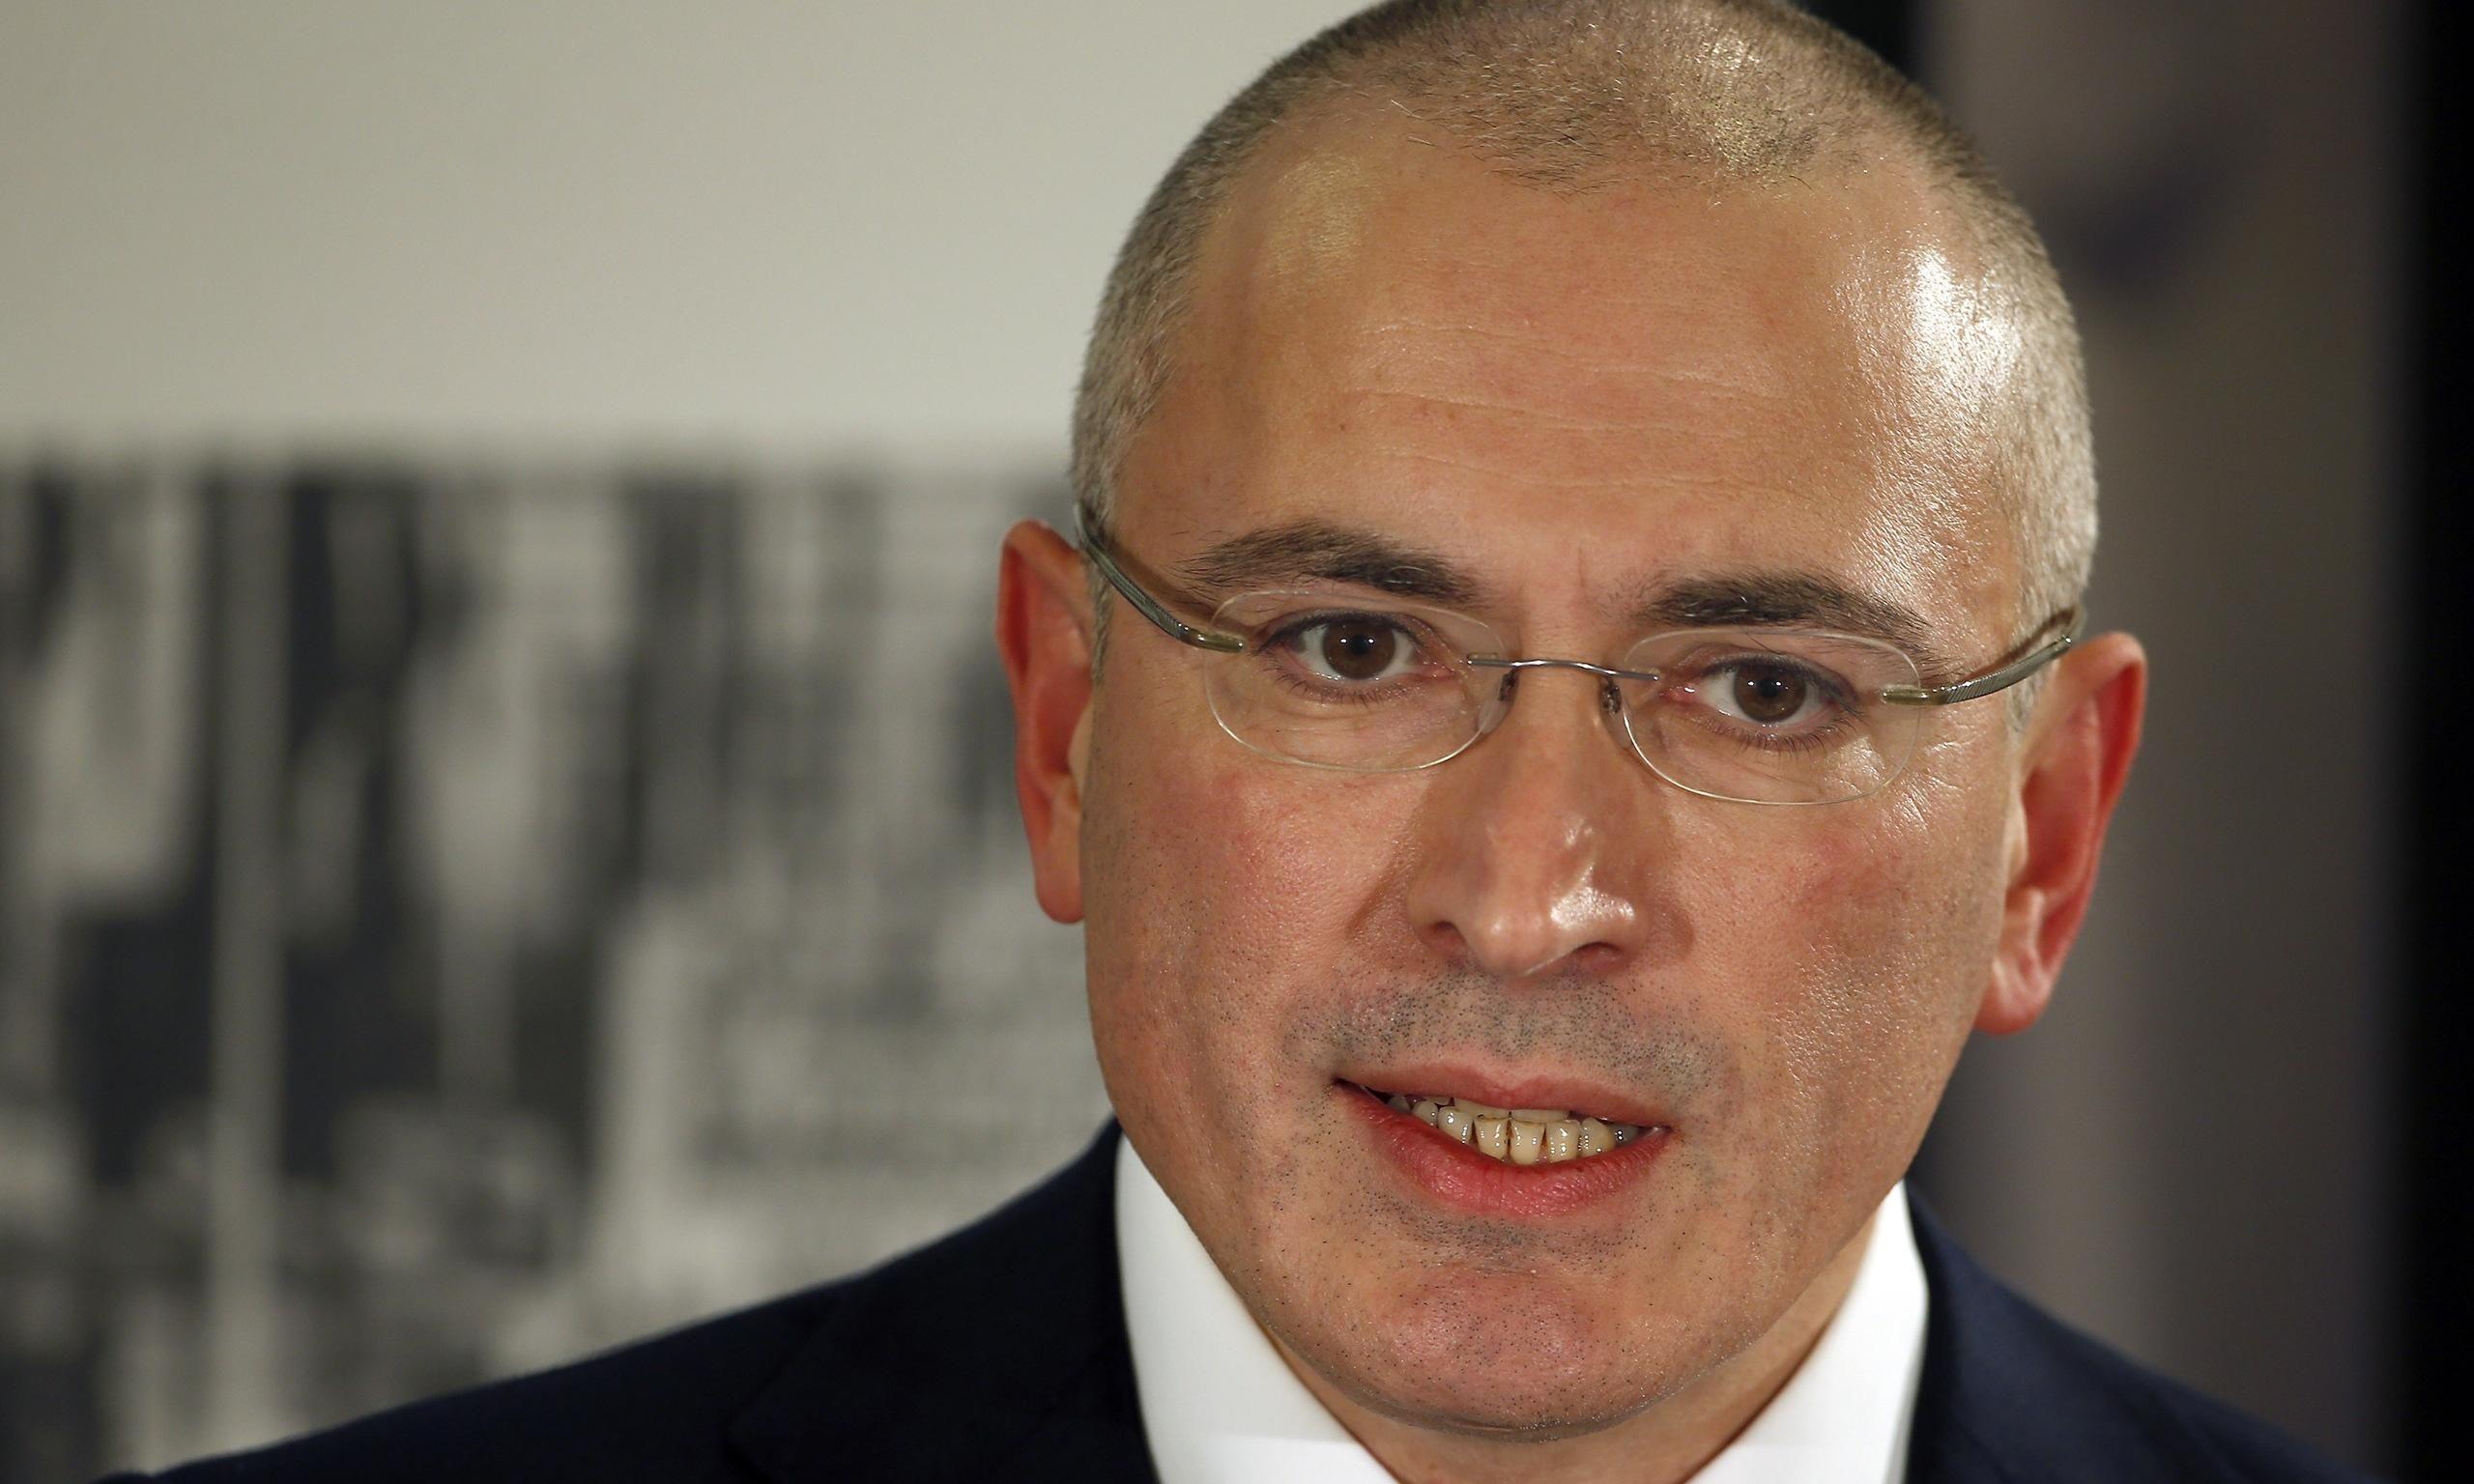 Россия отказалась от политики недопустимости ядерного шантажа, — Илларионов